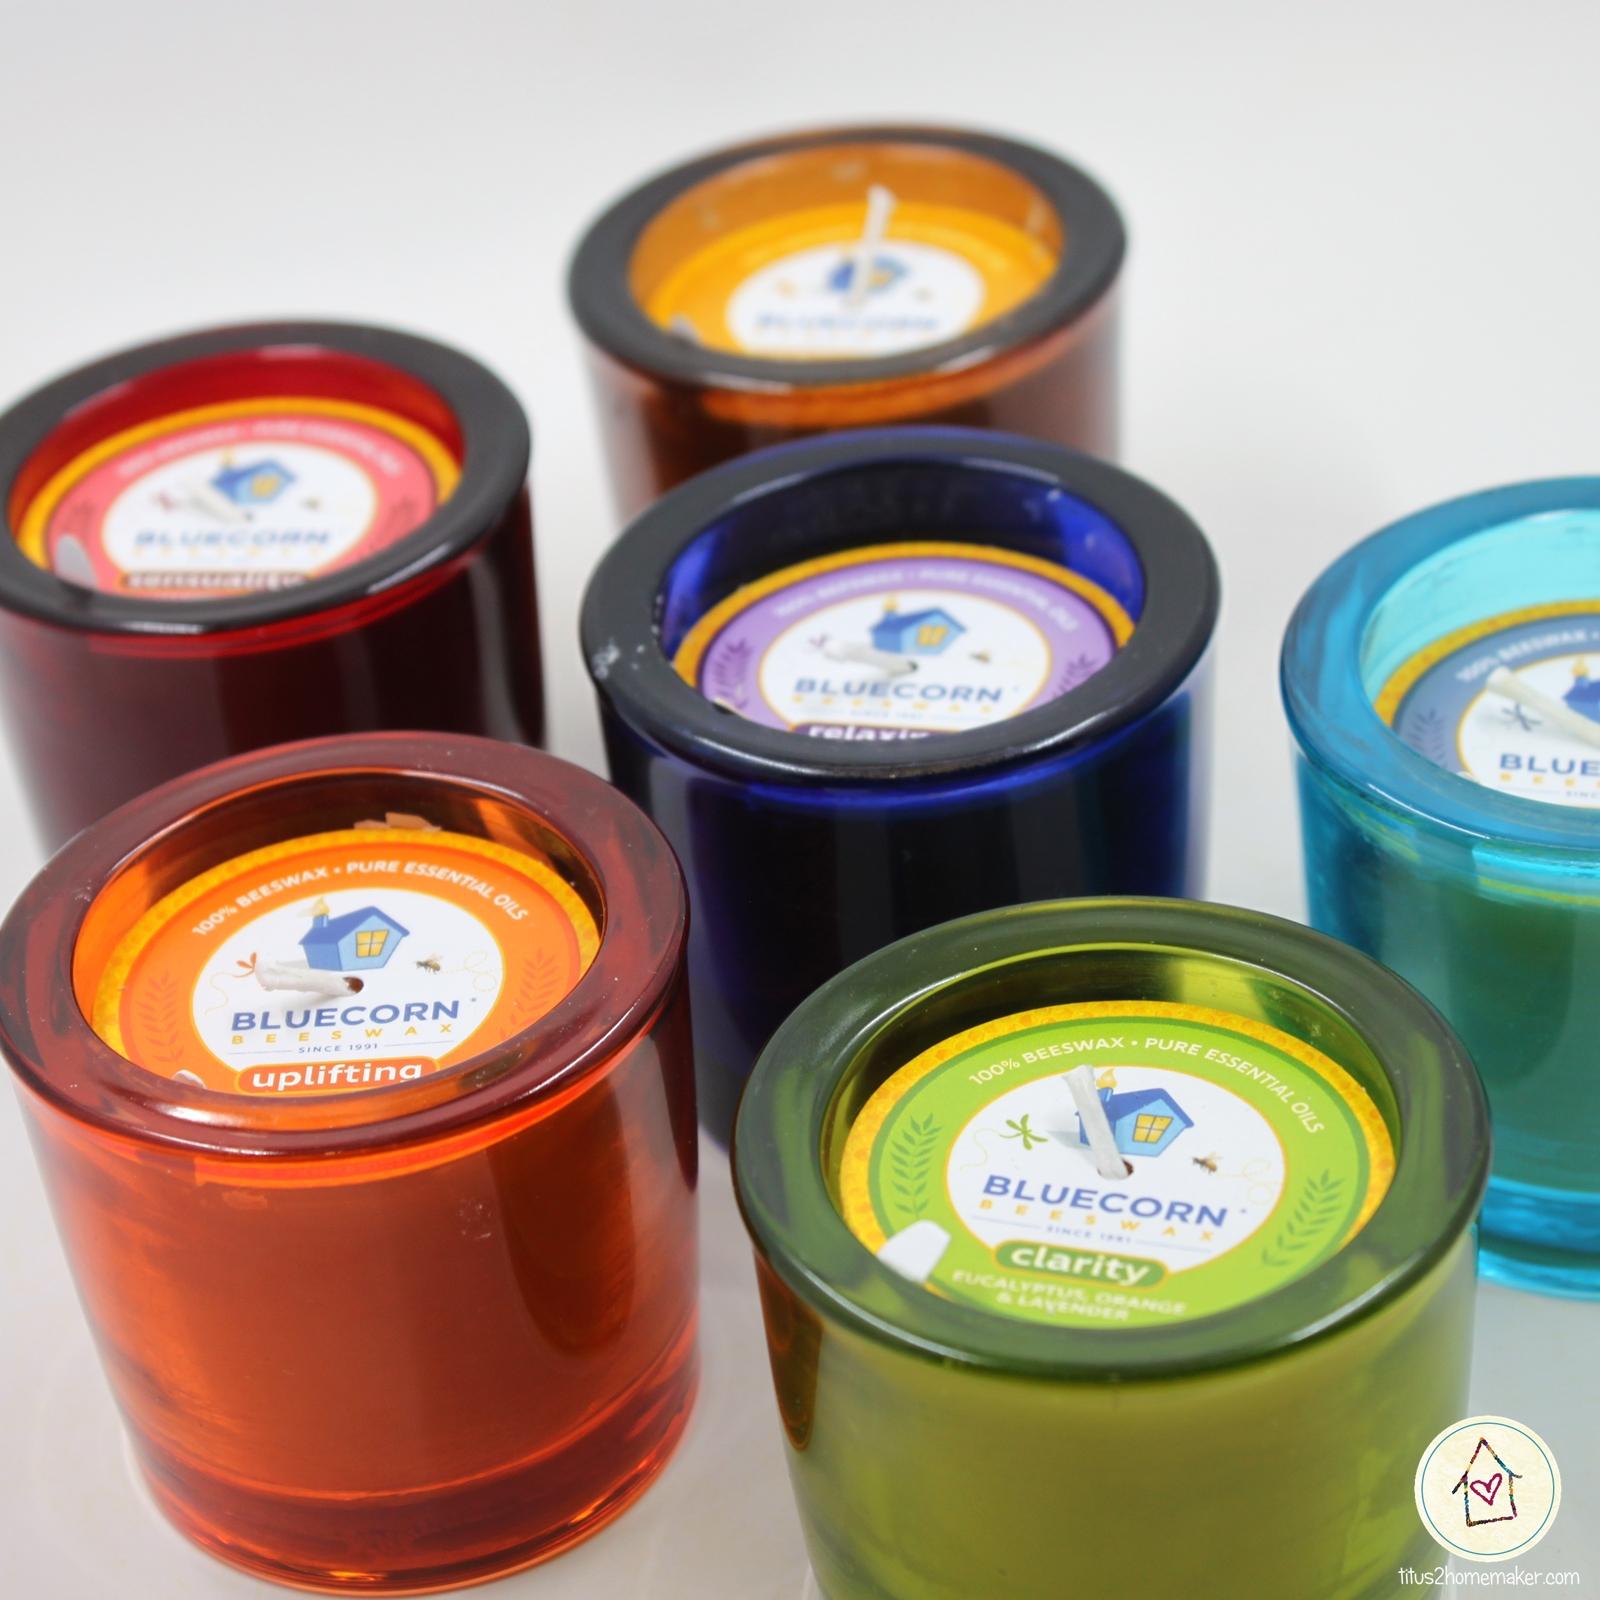 Bluecorn Candles - A Non Toxic Candles